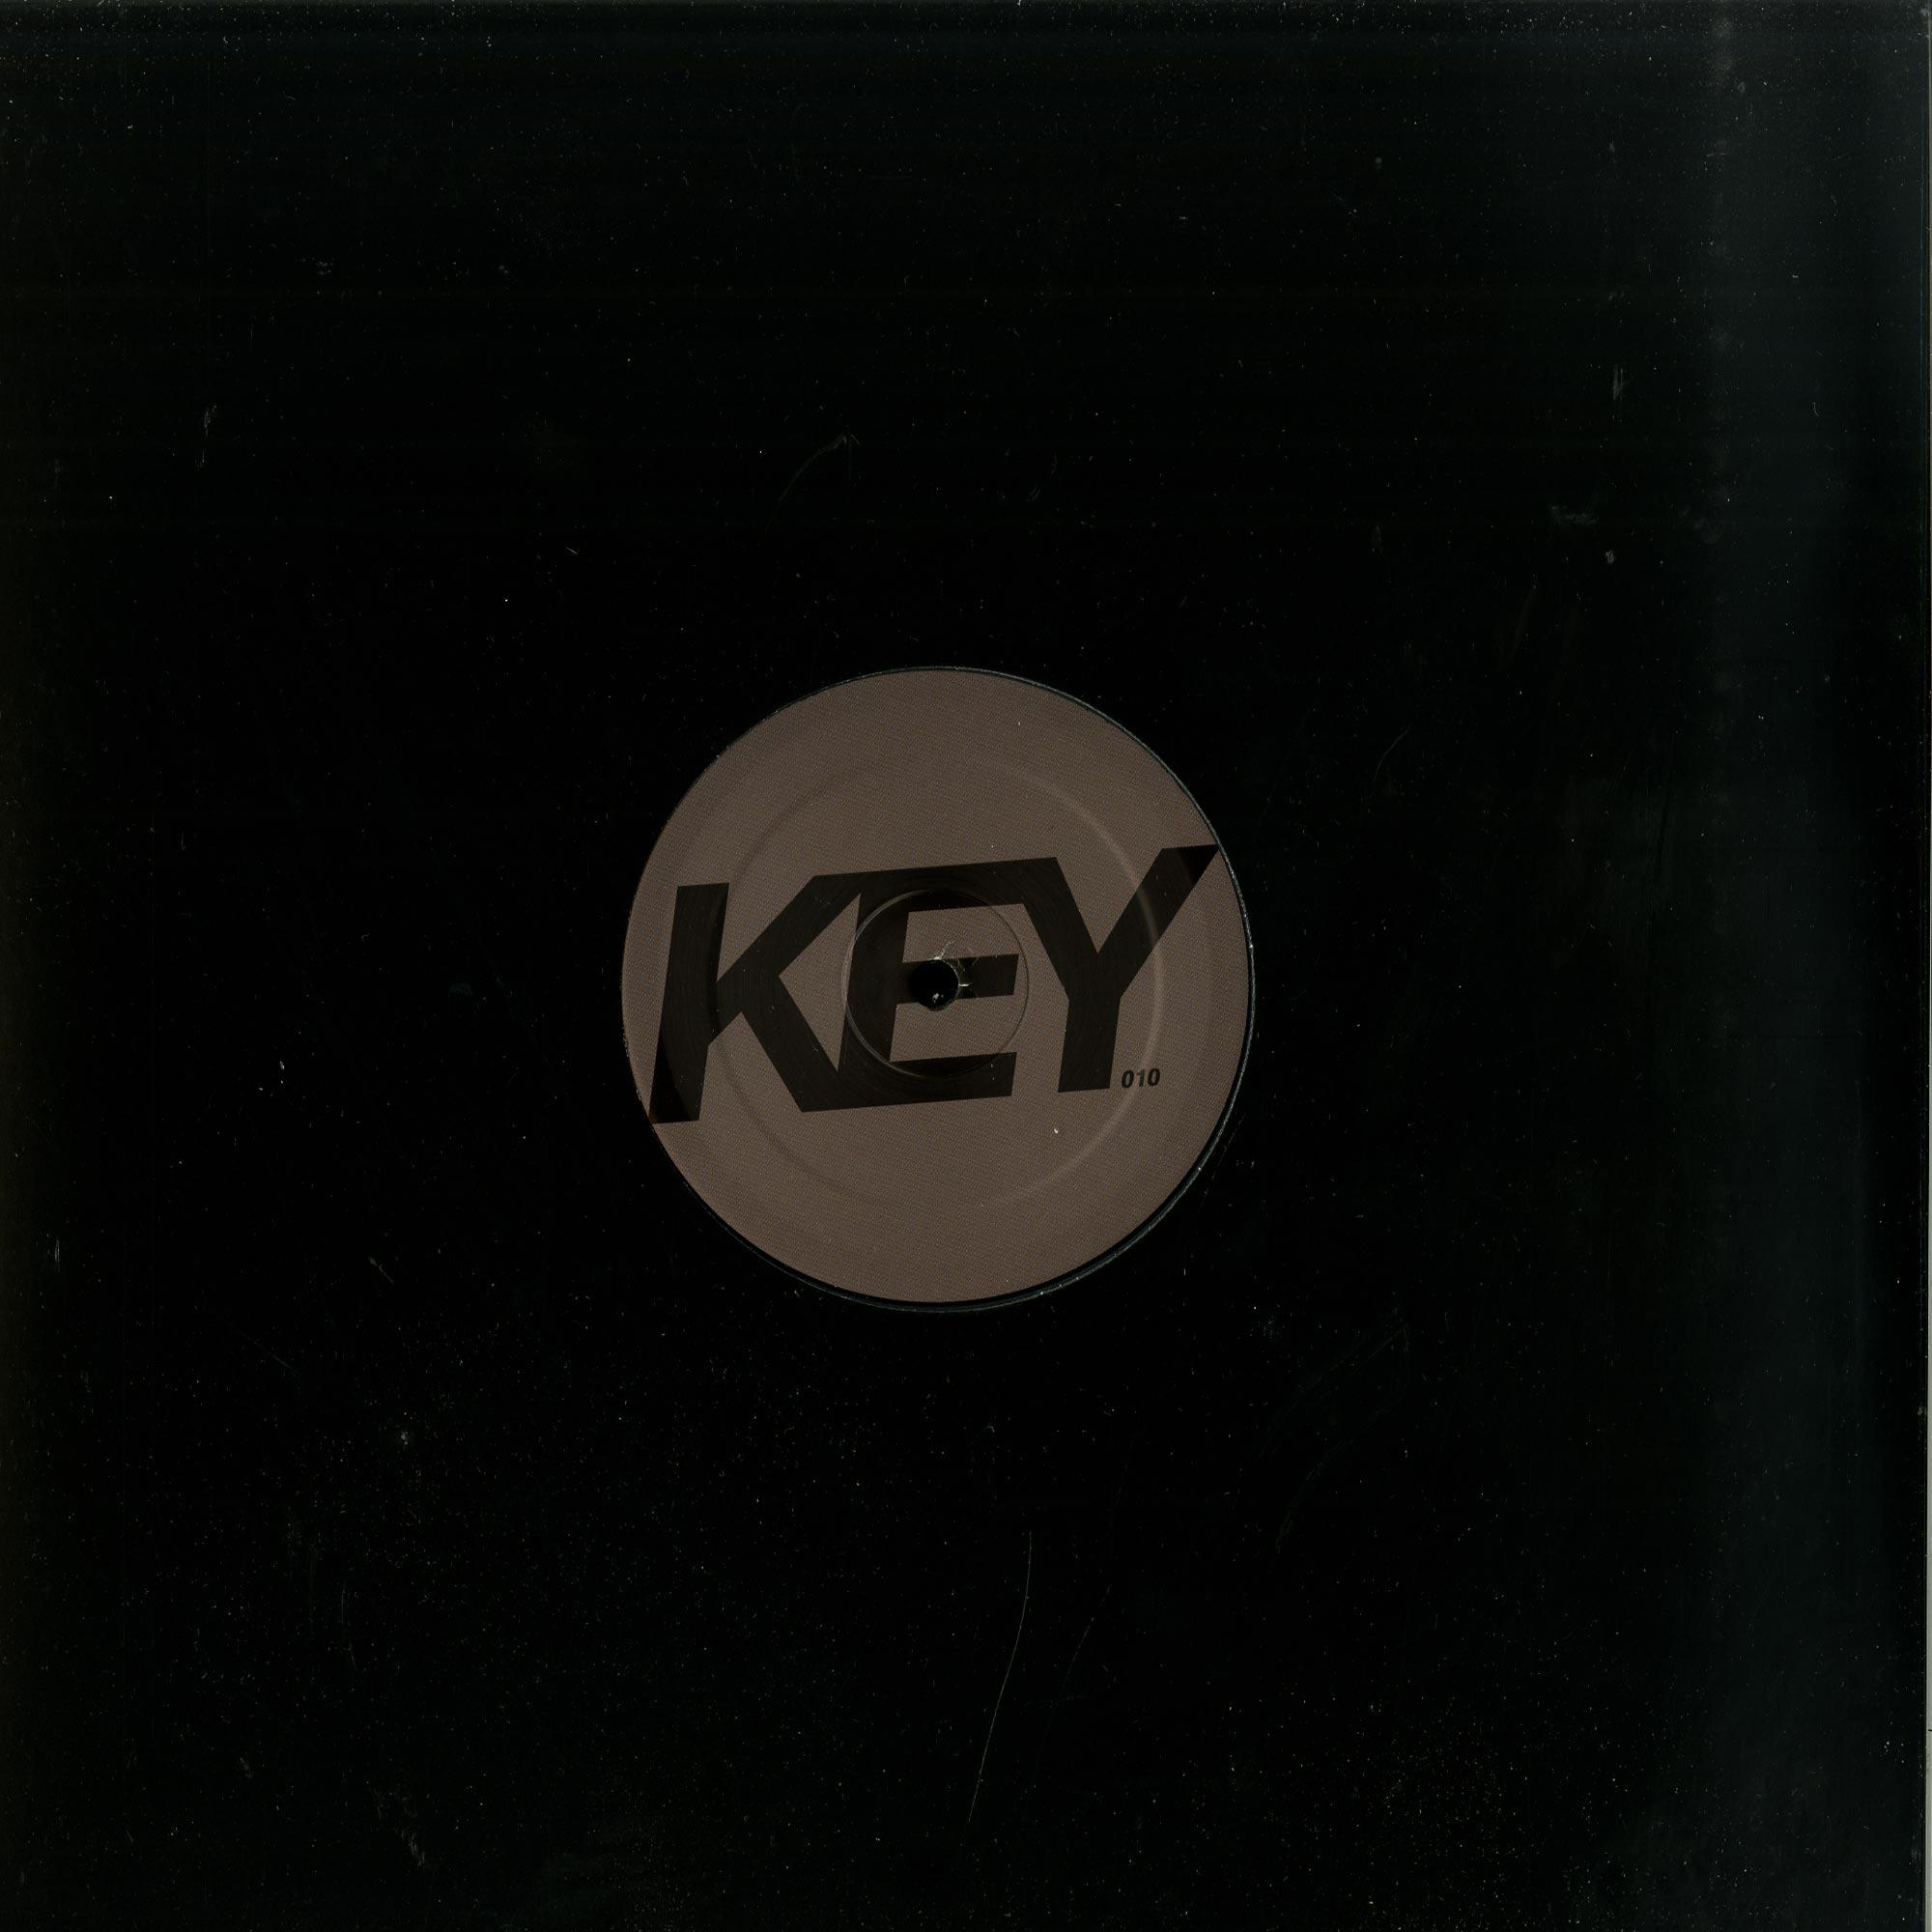 Echelon - KEY